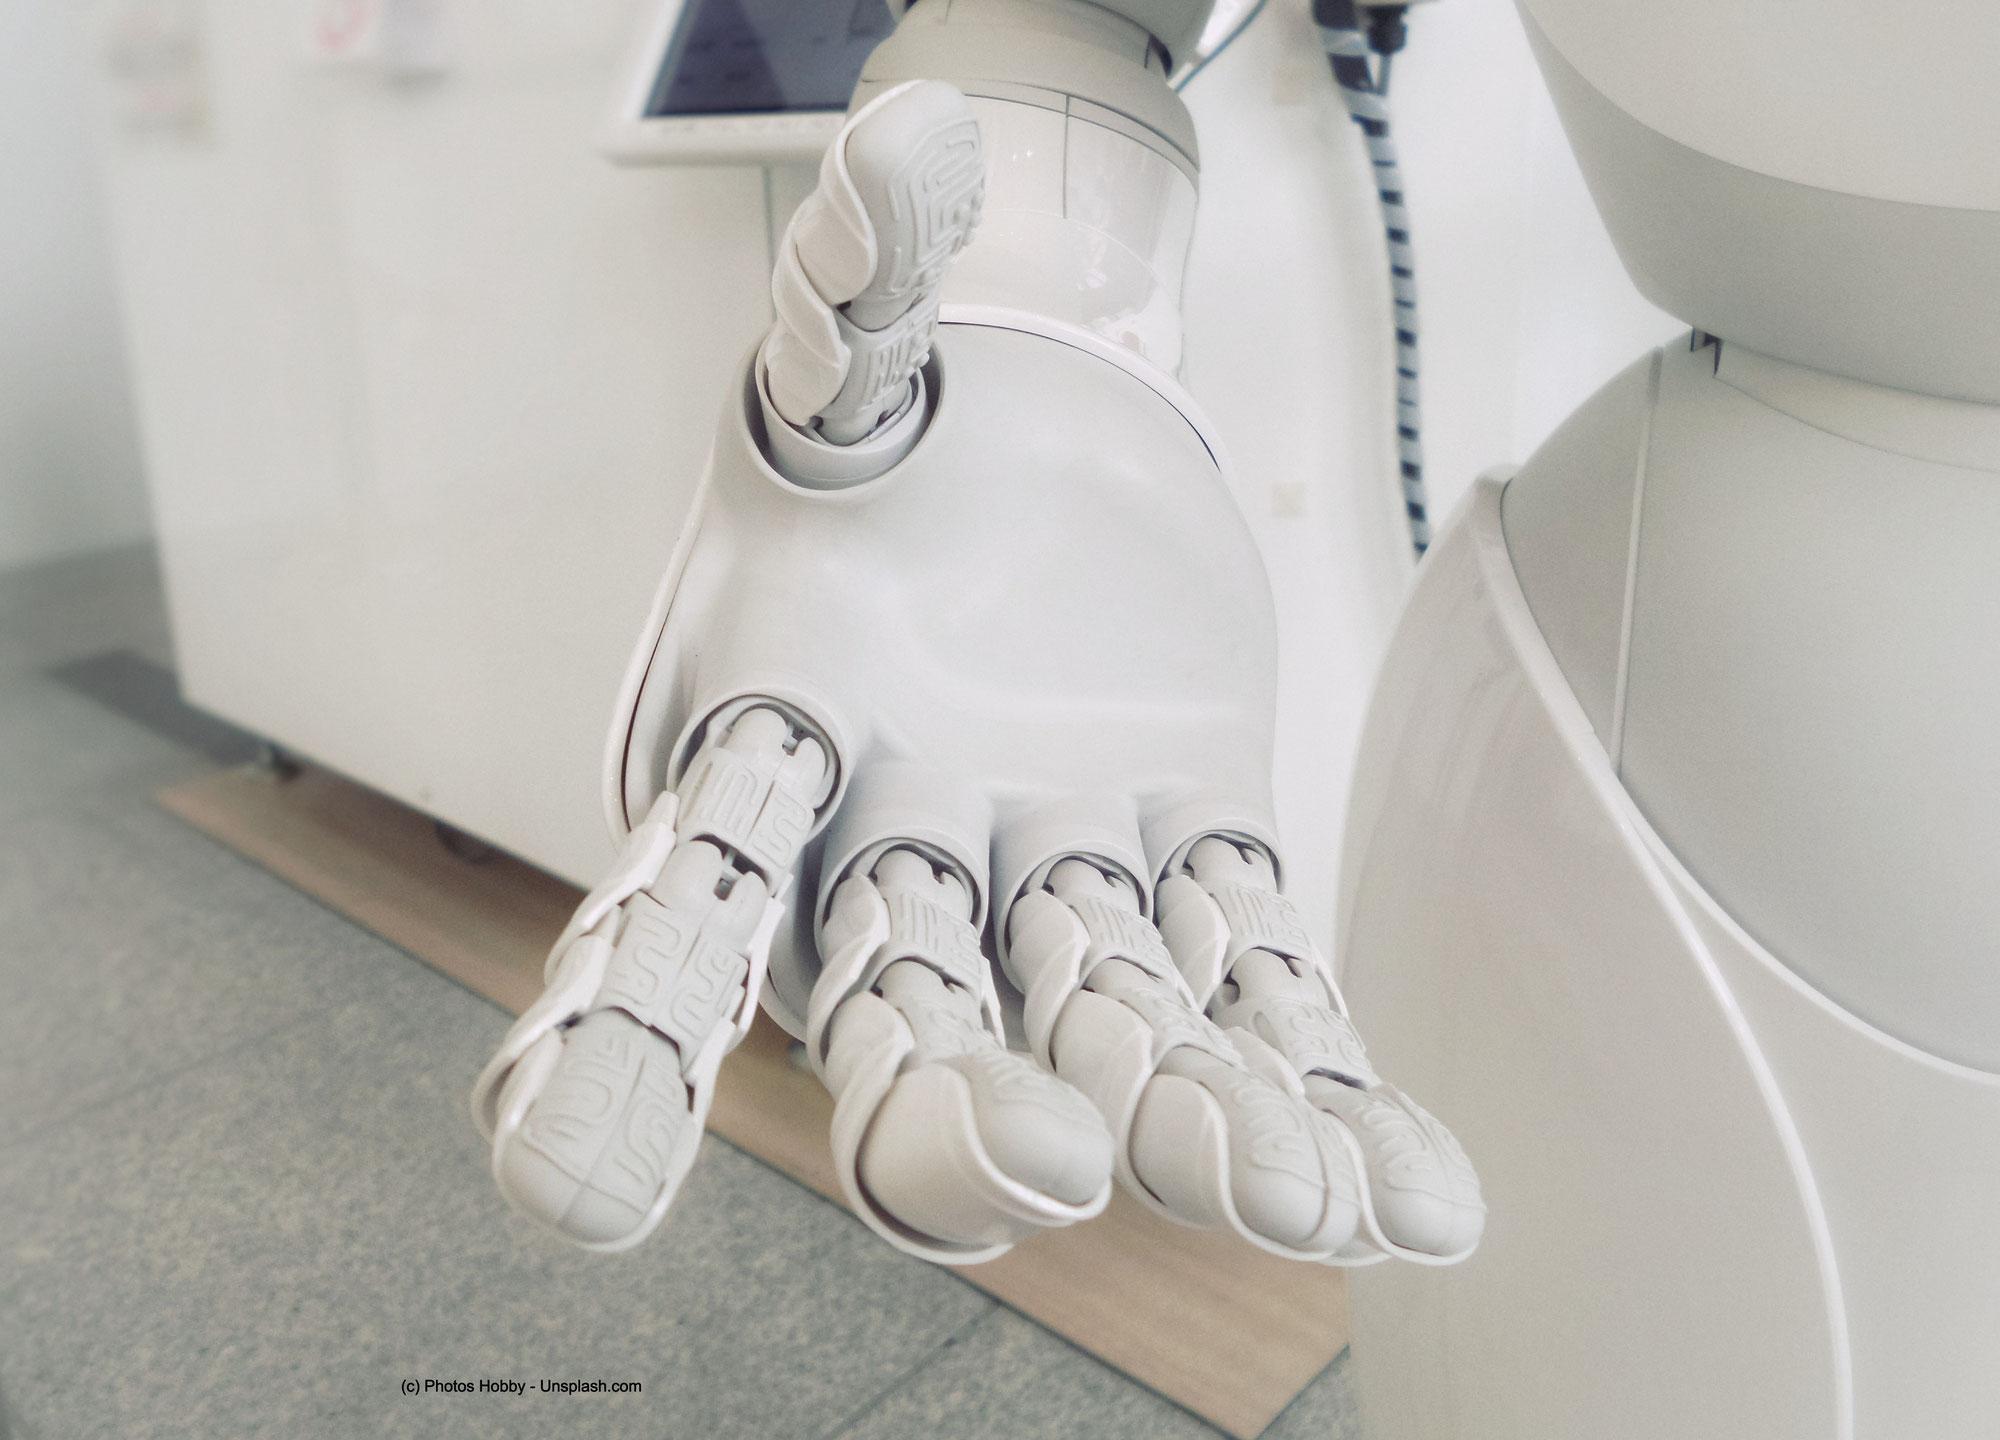 Wer sozalisiert unsere künstliche Intelligenz?